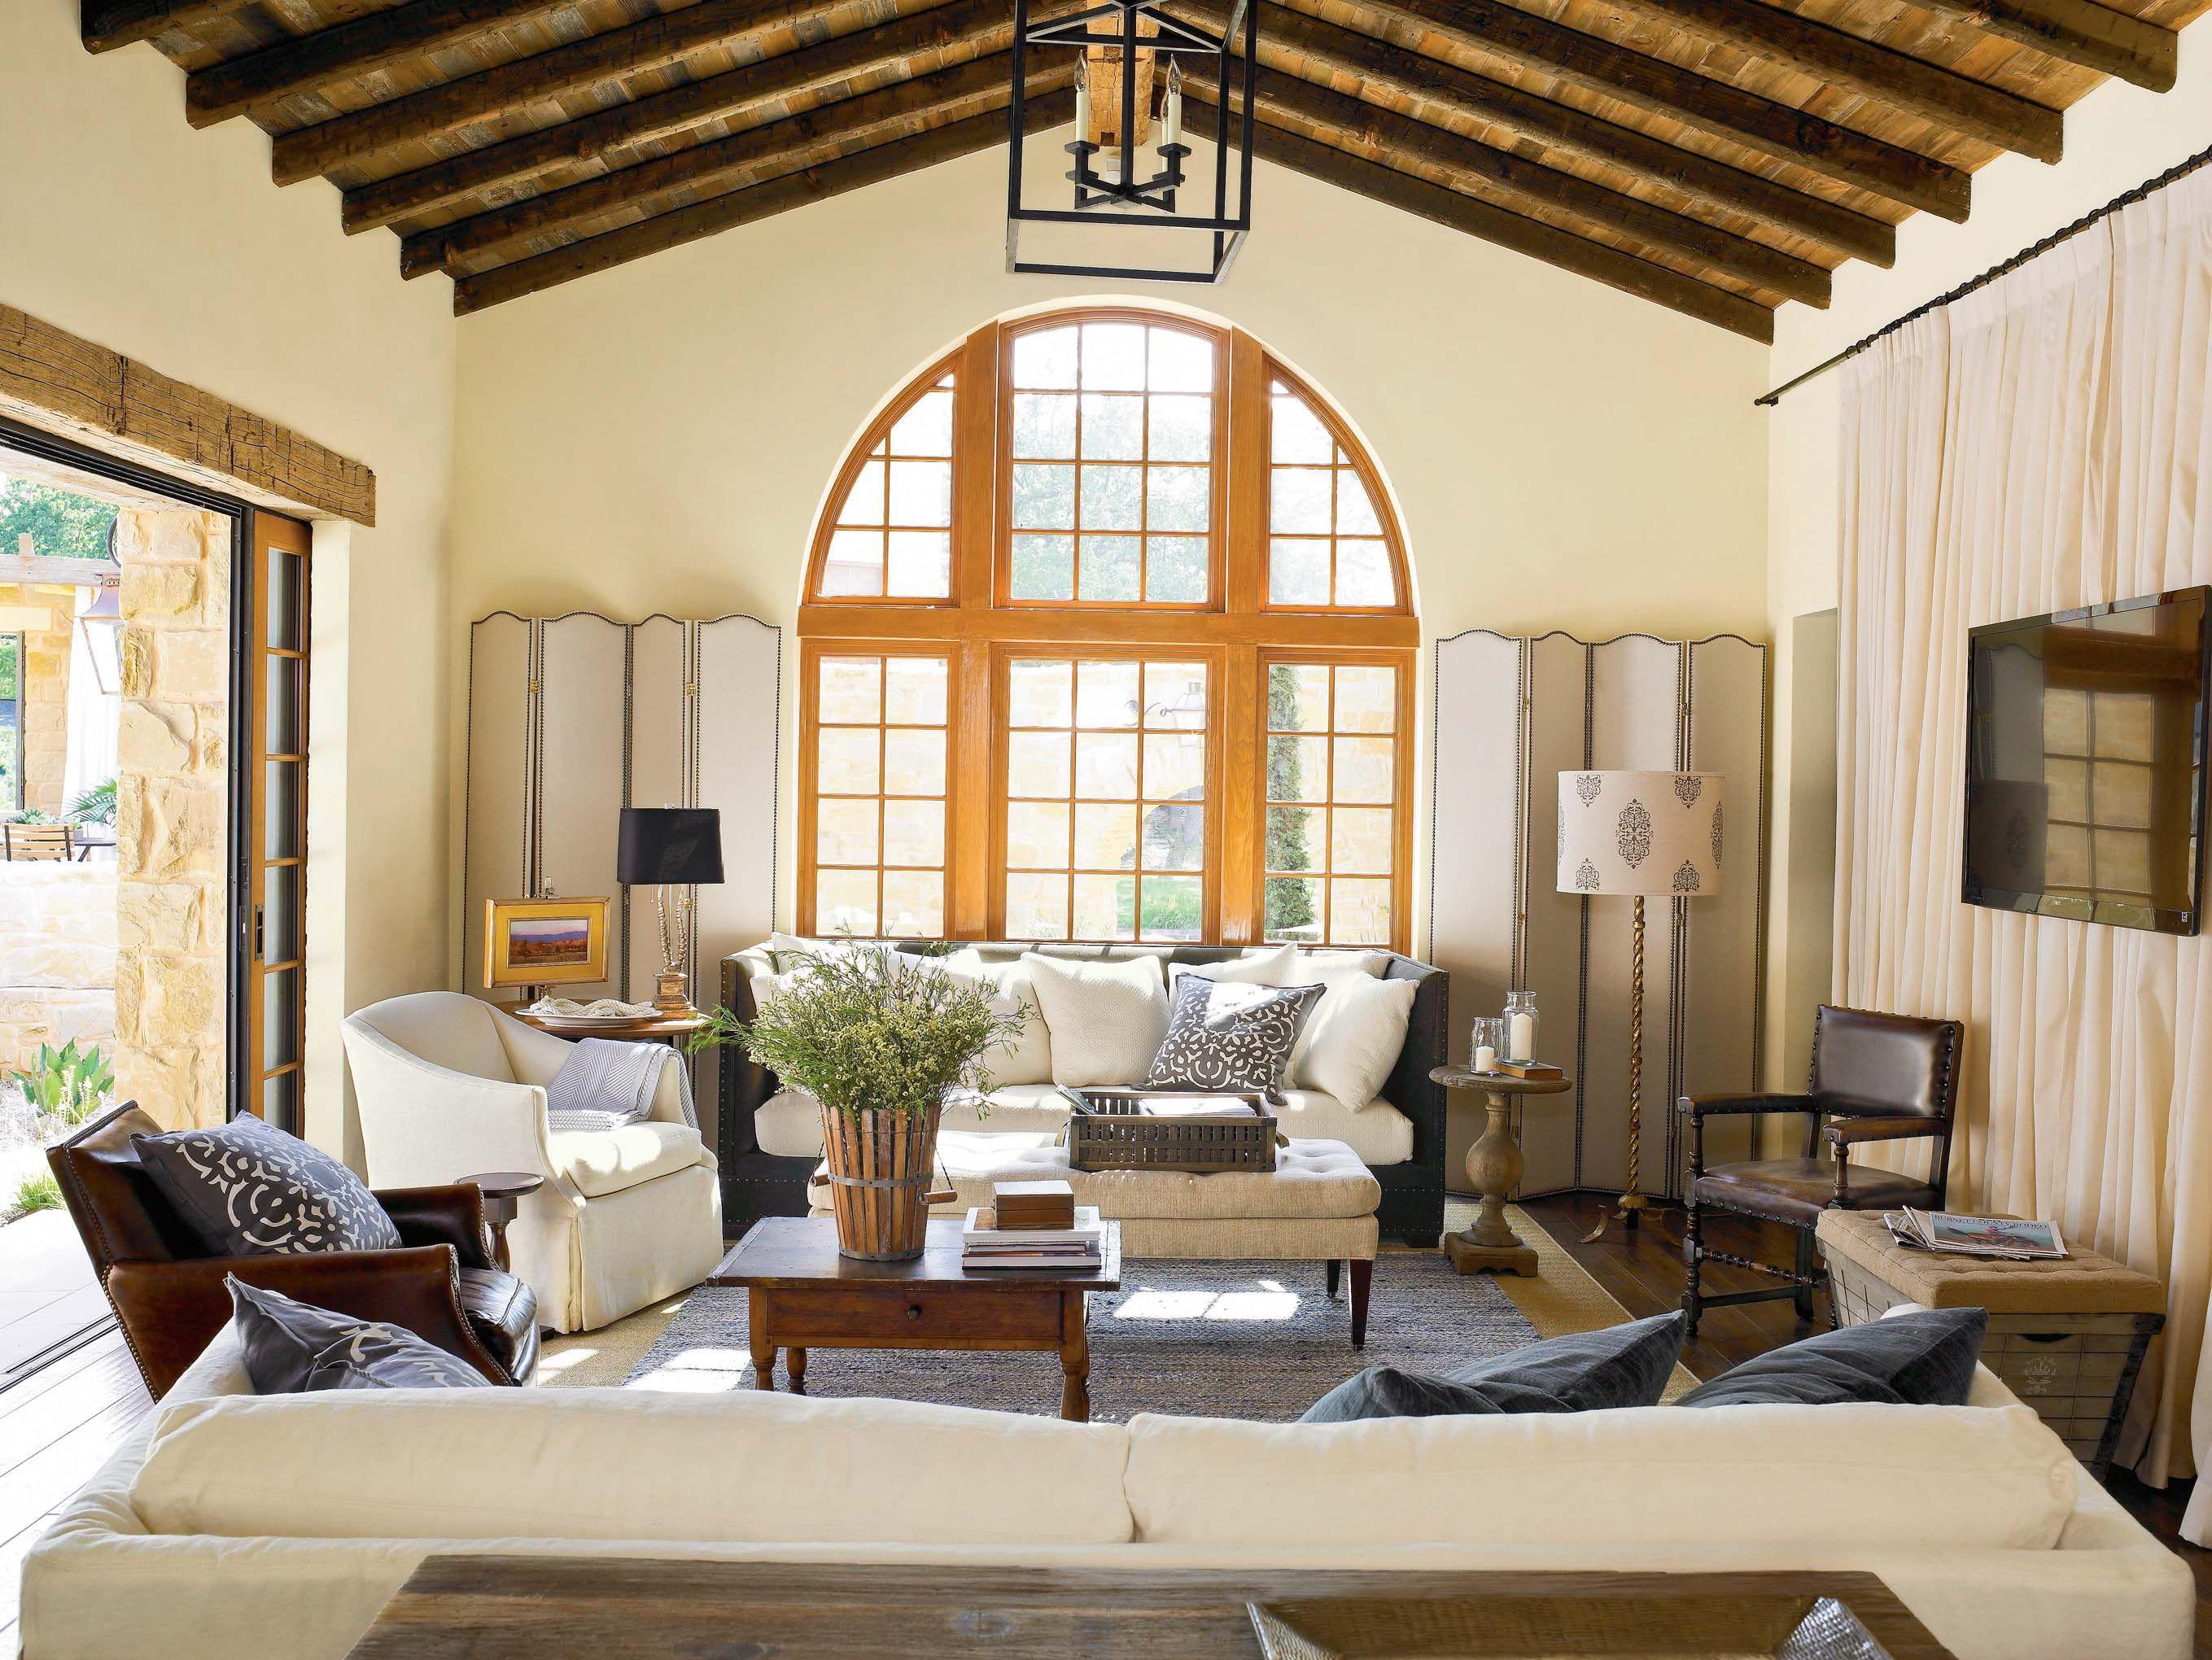 Liebenswerte Familie Zimmer Deko Ideen Und Bilder | Möbel ...